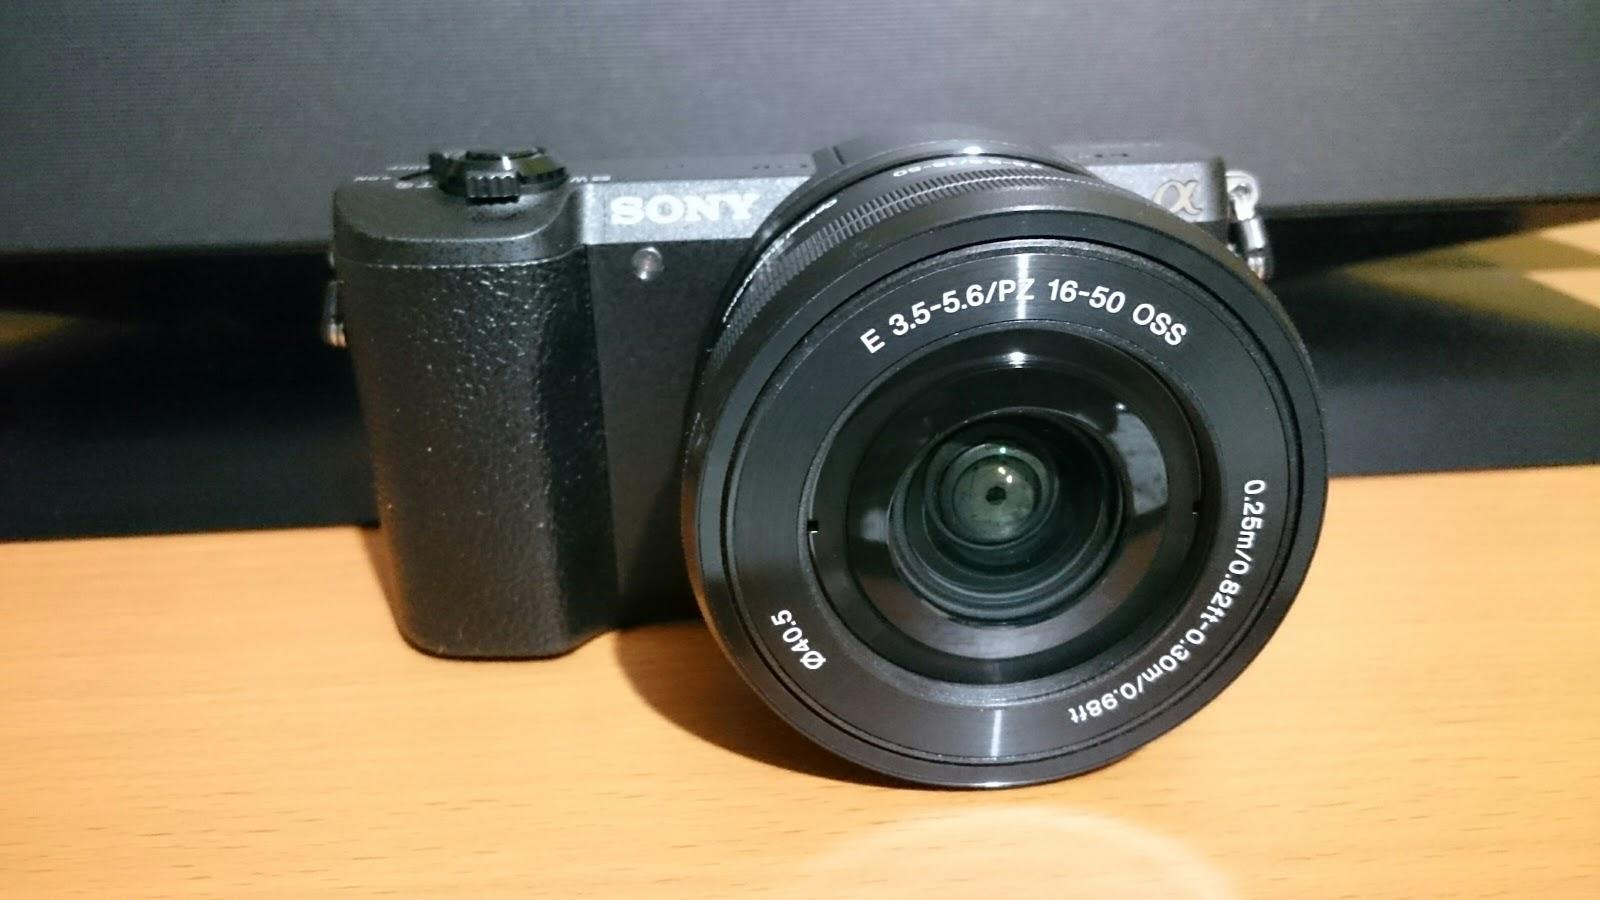 ソニーのミラーレス一眼カメラと標準ズームレンズ:α5100とSELP1650